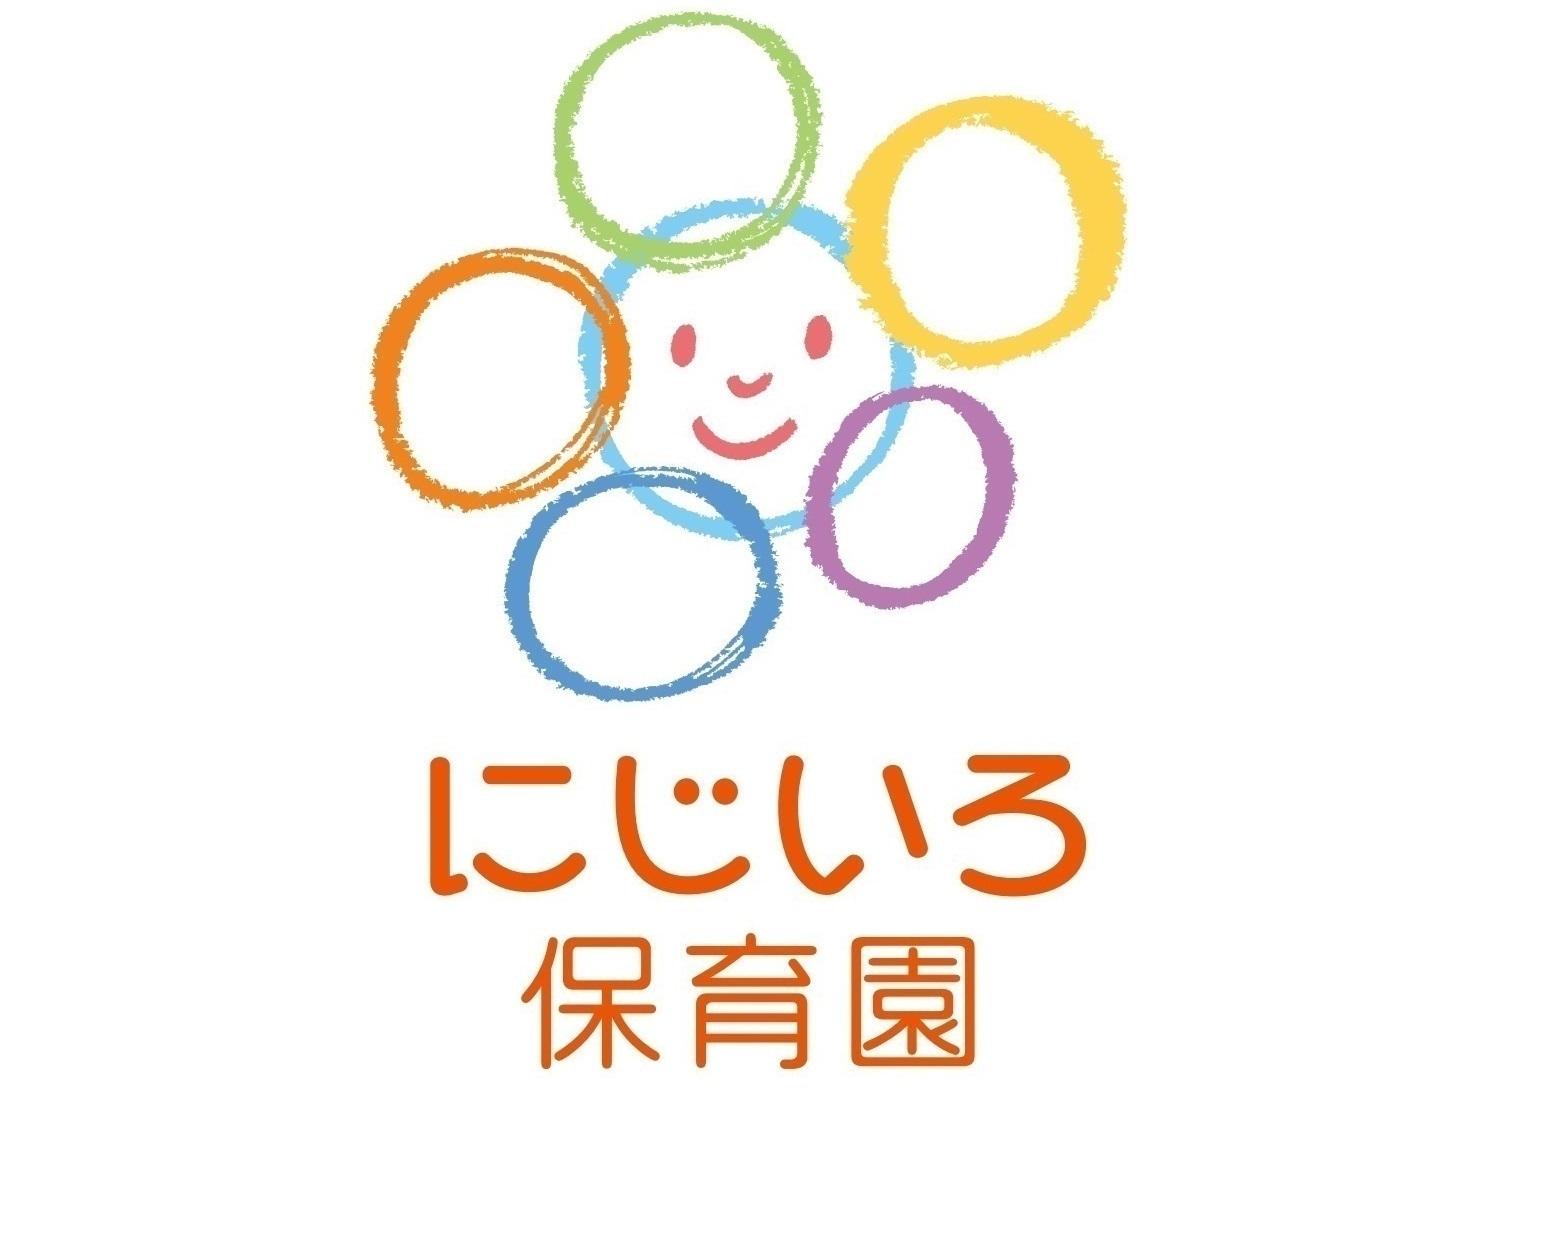 【施設名:にじいろ保育園武蔵小金井】